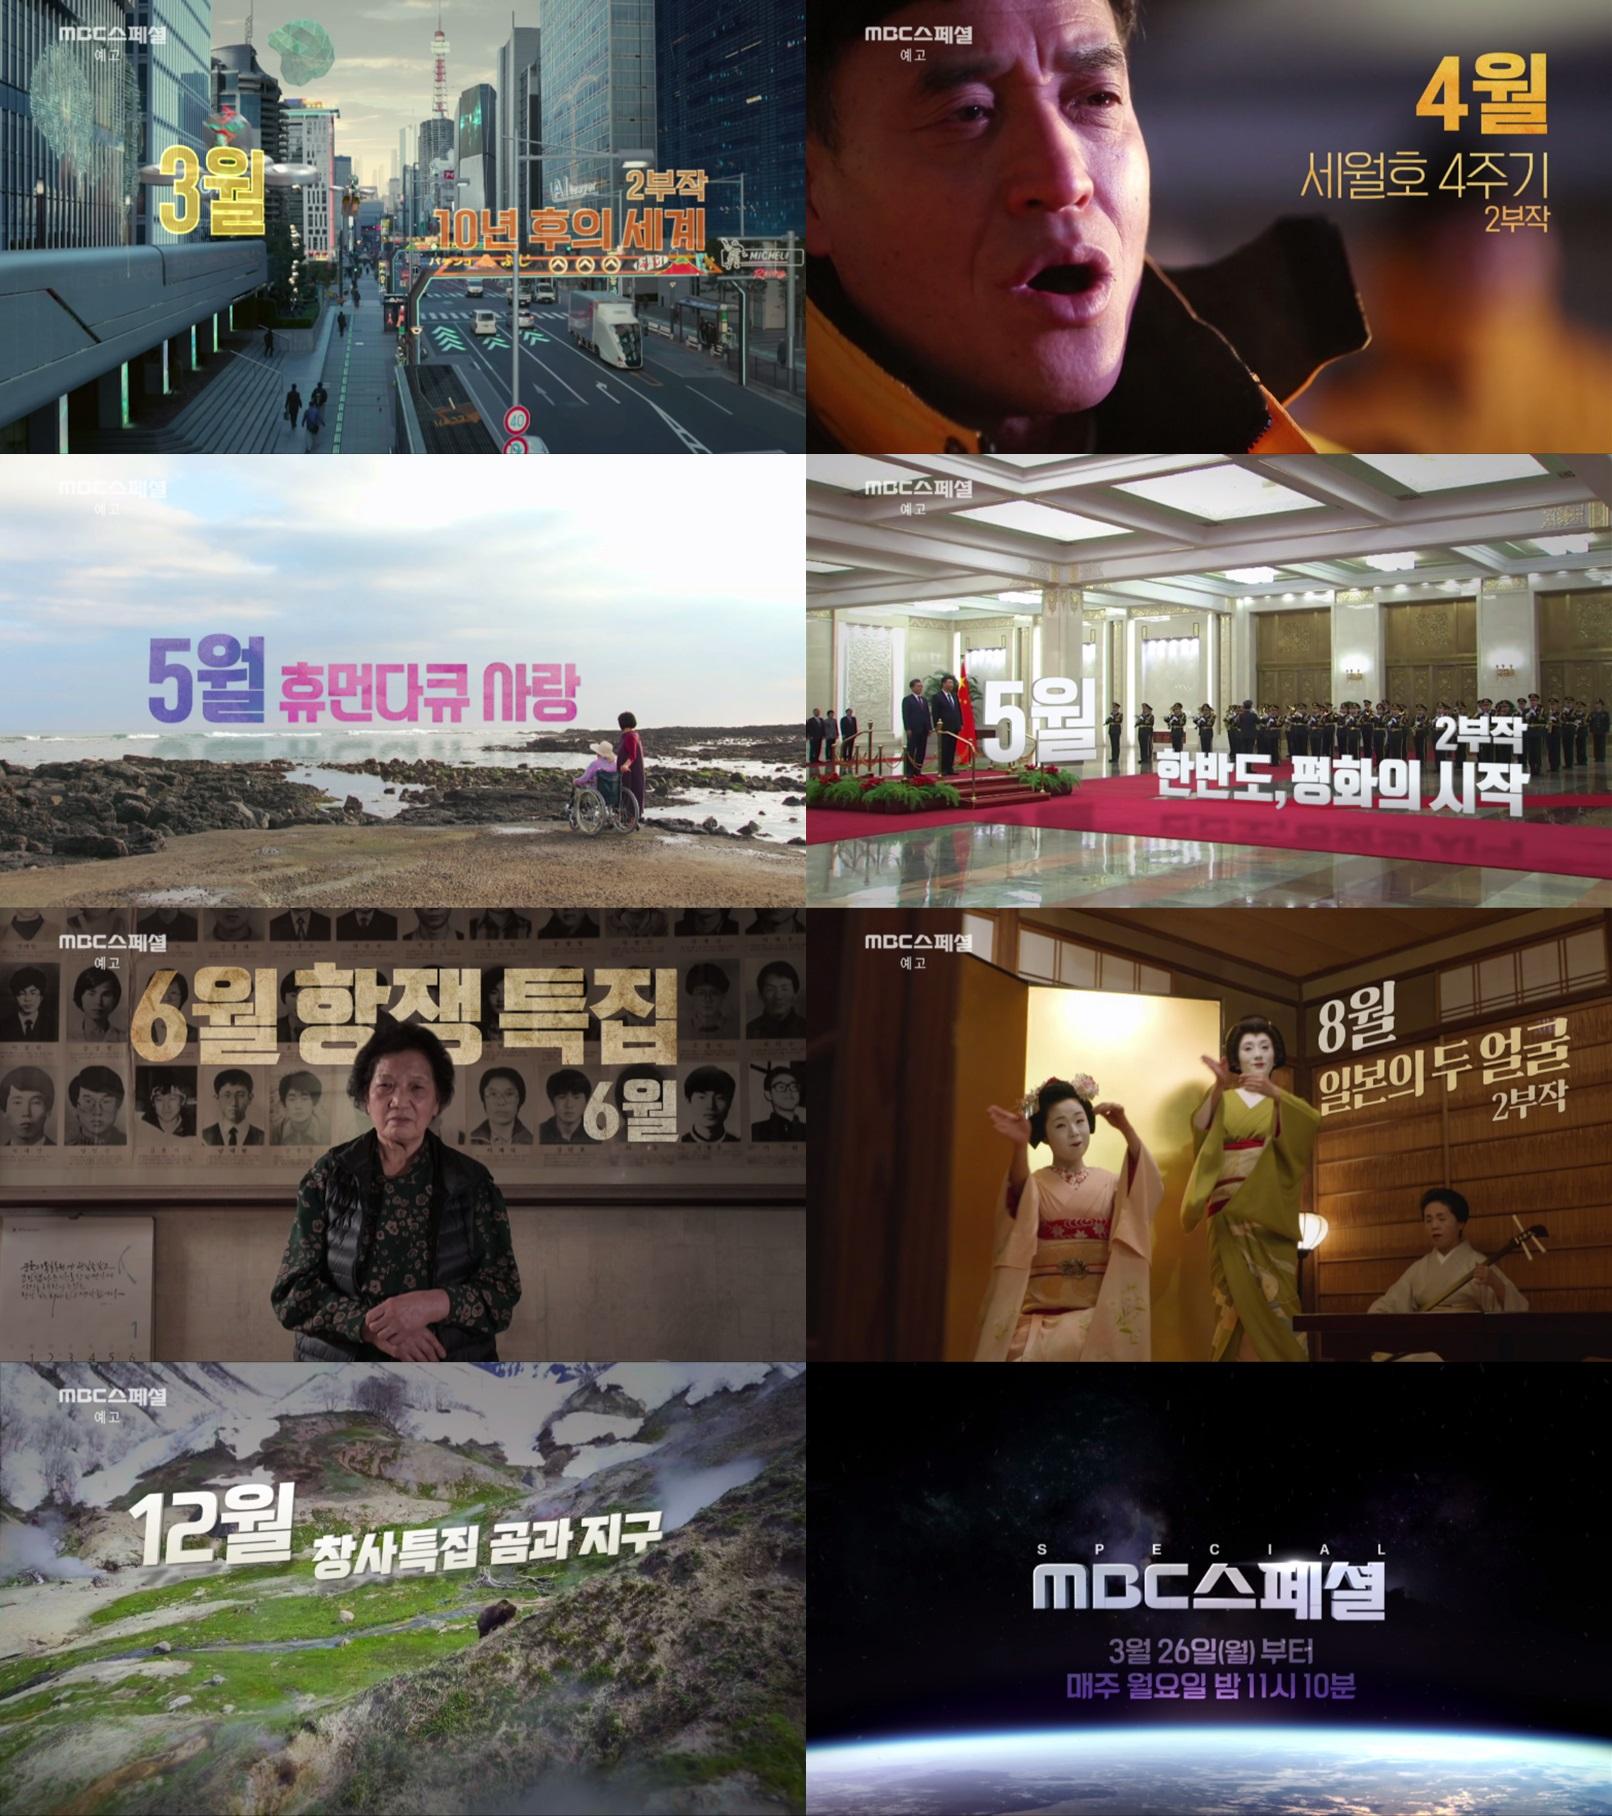 月夜 편성 옮긴 'MBC스페셜', 2018 특집 라인업 전격 공개!